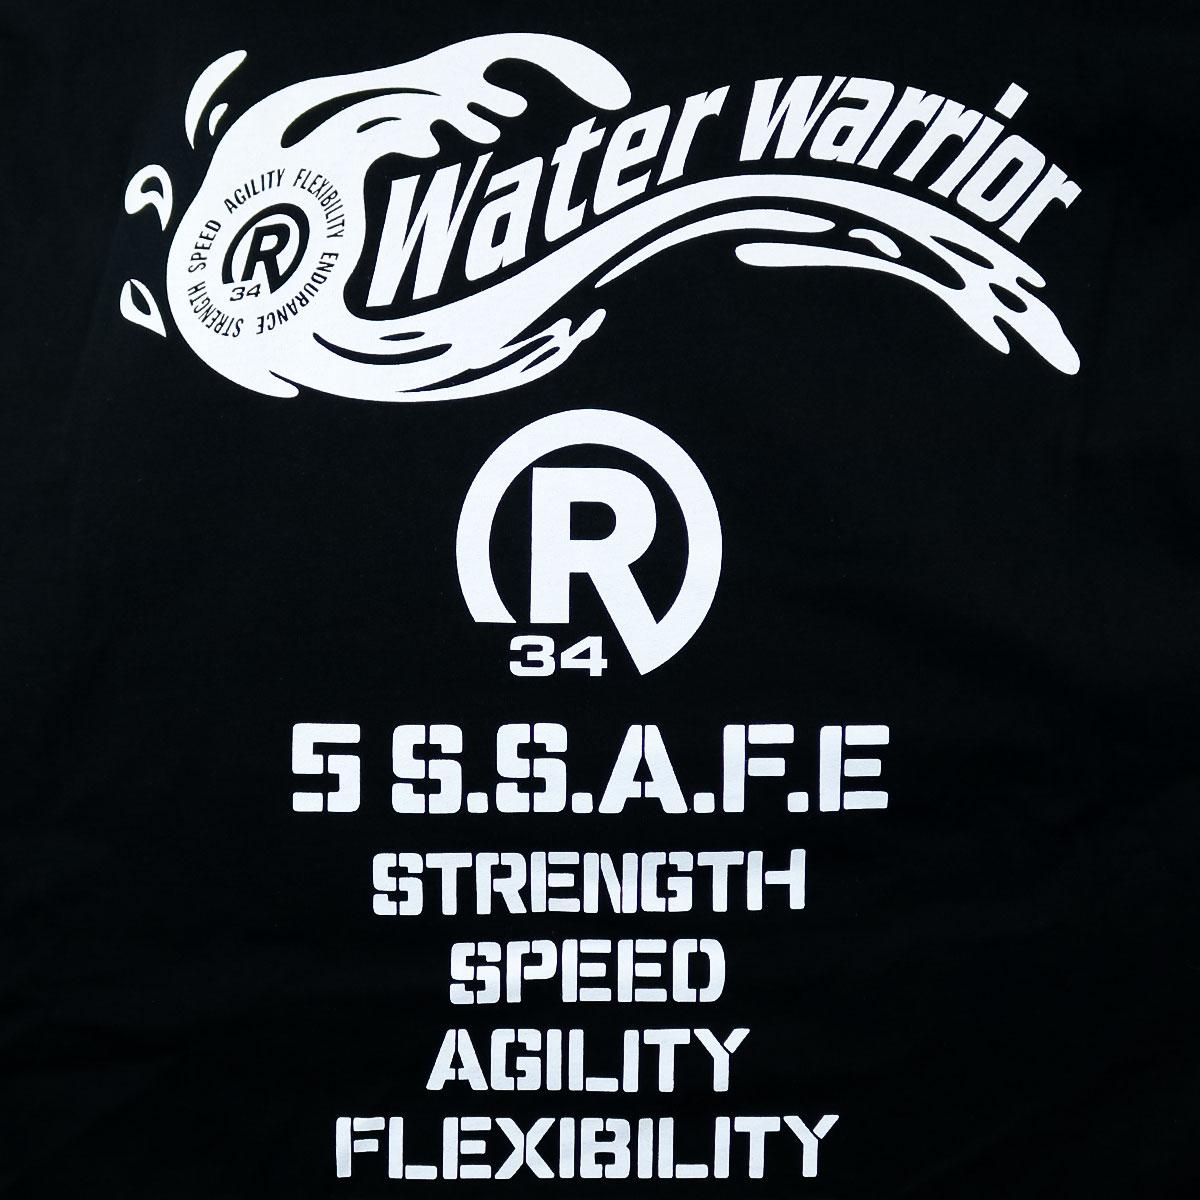 WATER WARRIOR 5SPIRITS LONG T-SHIRT